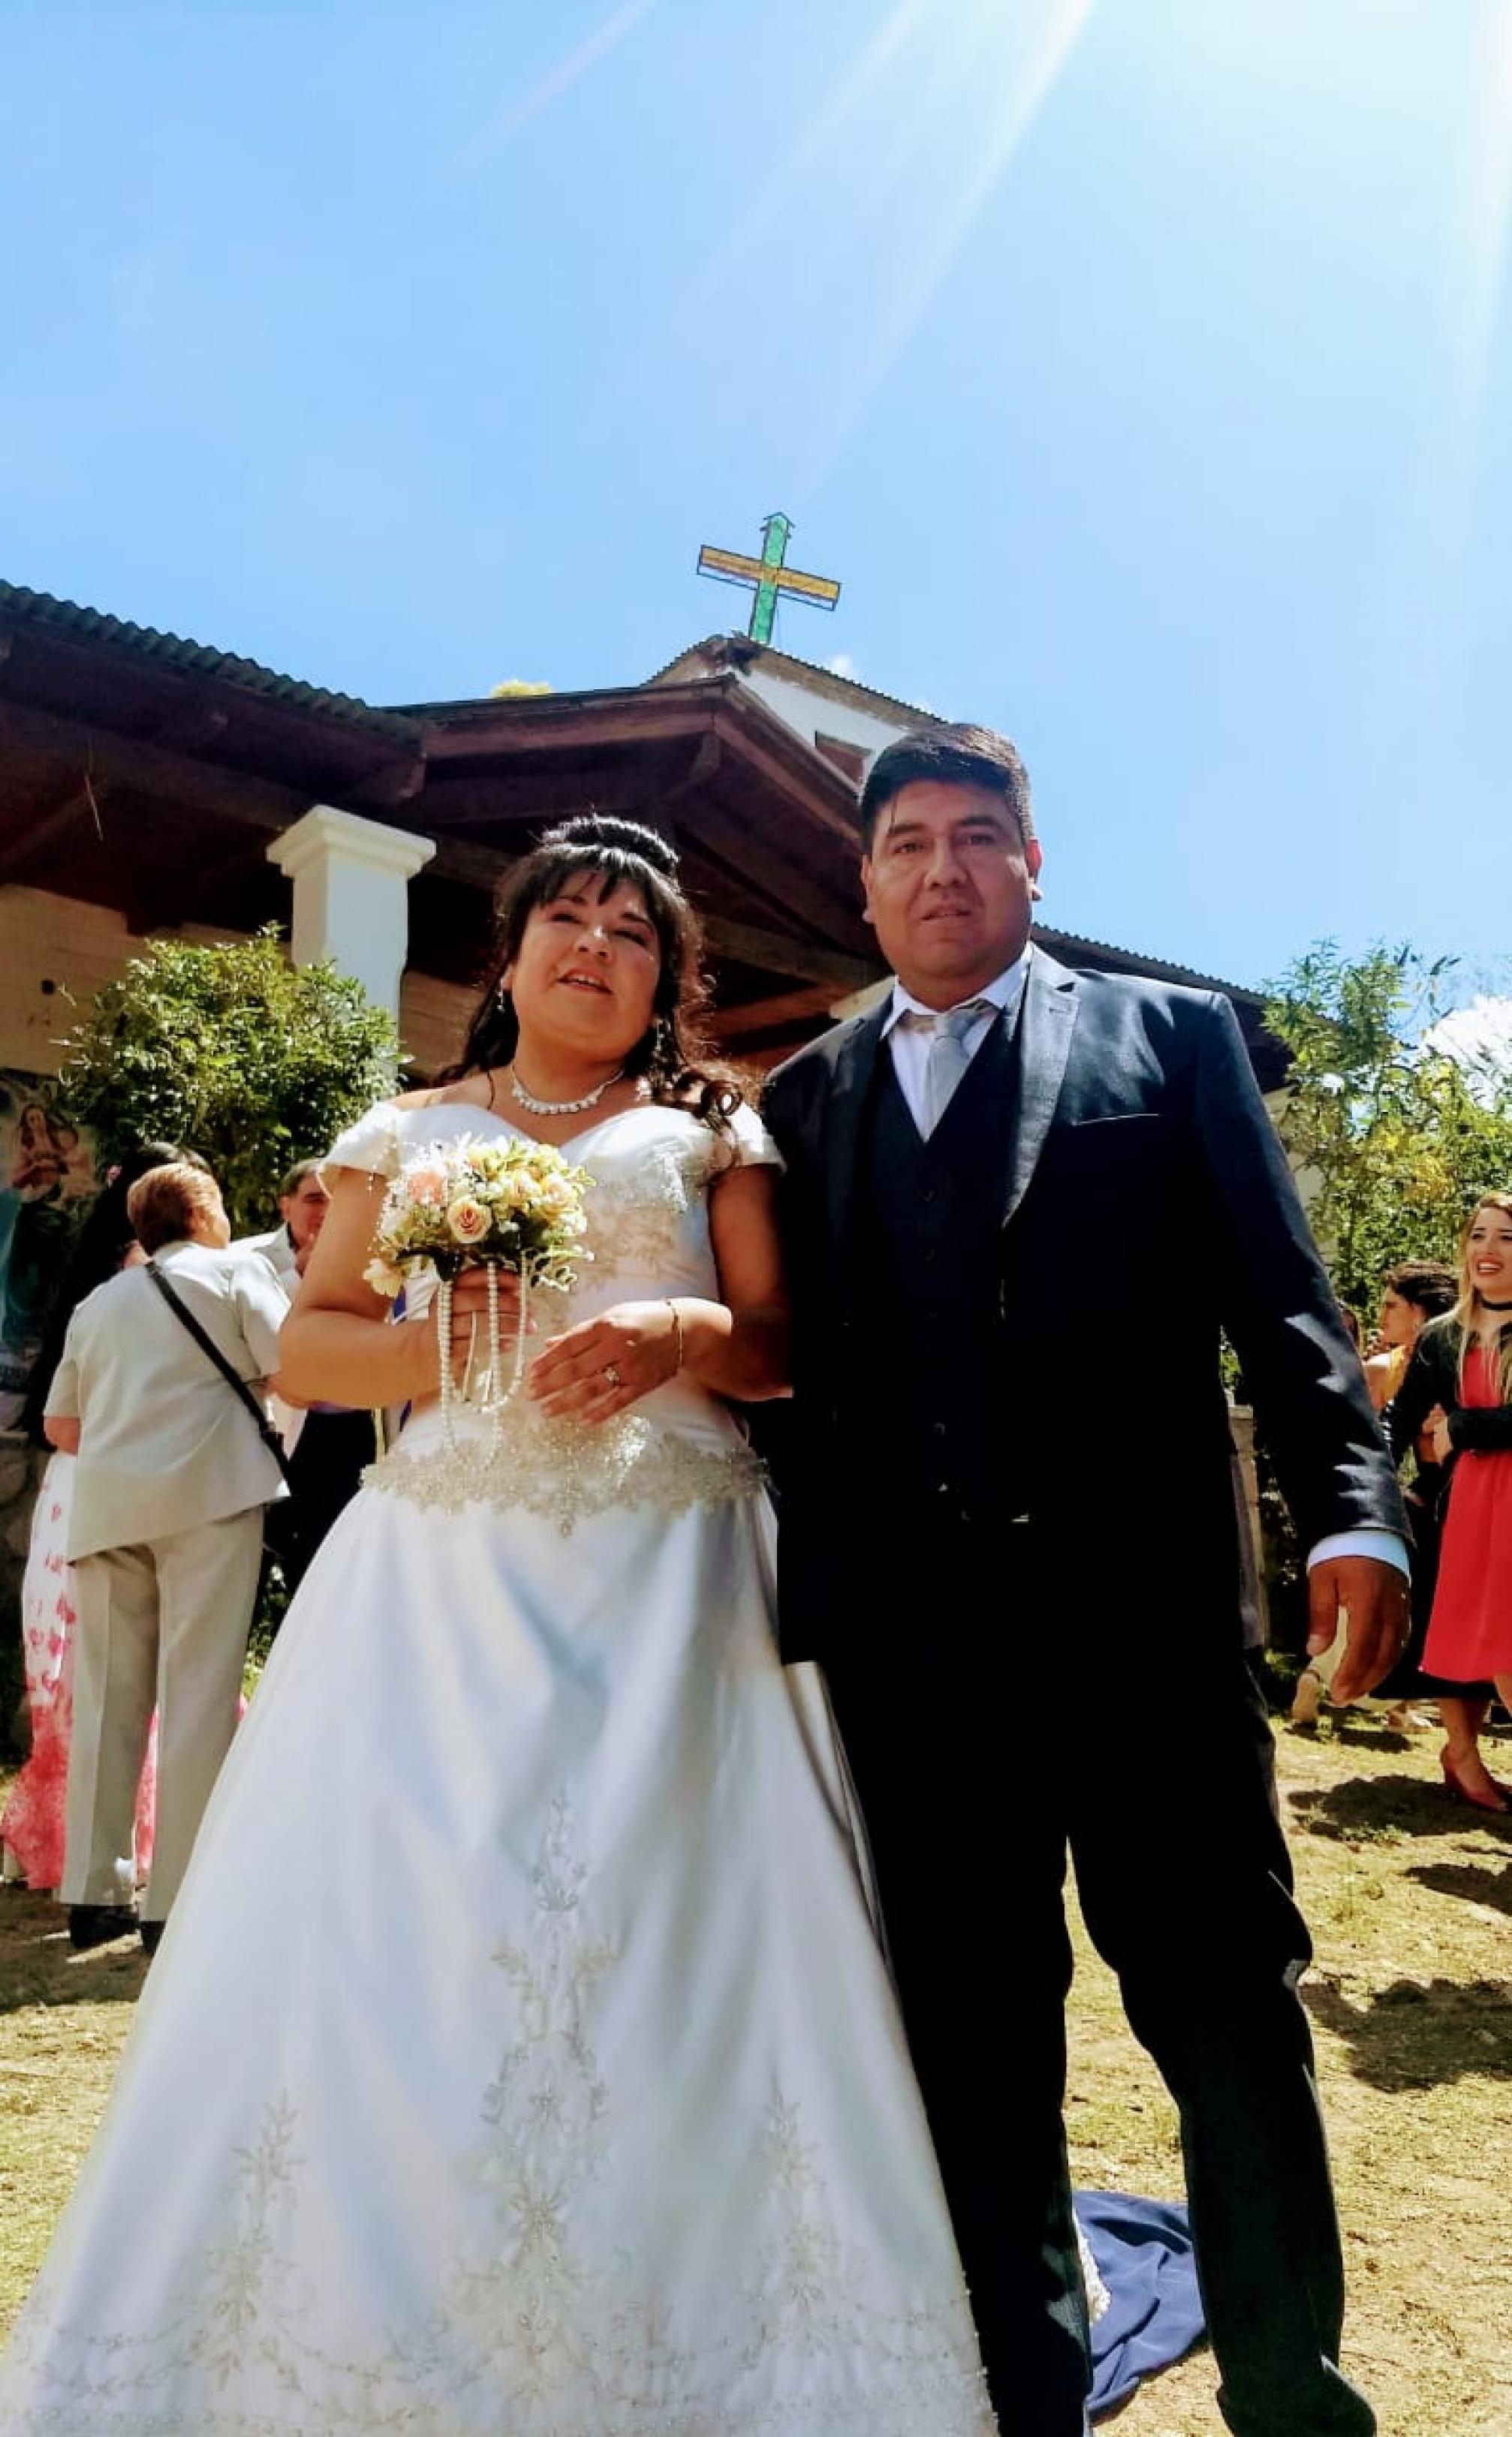 Casamiento de a caballo - Tafí del Valle